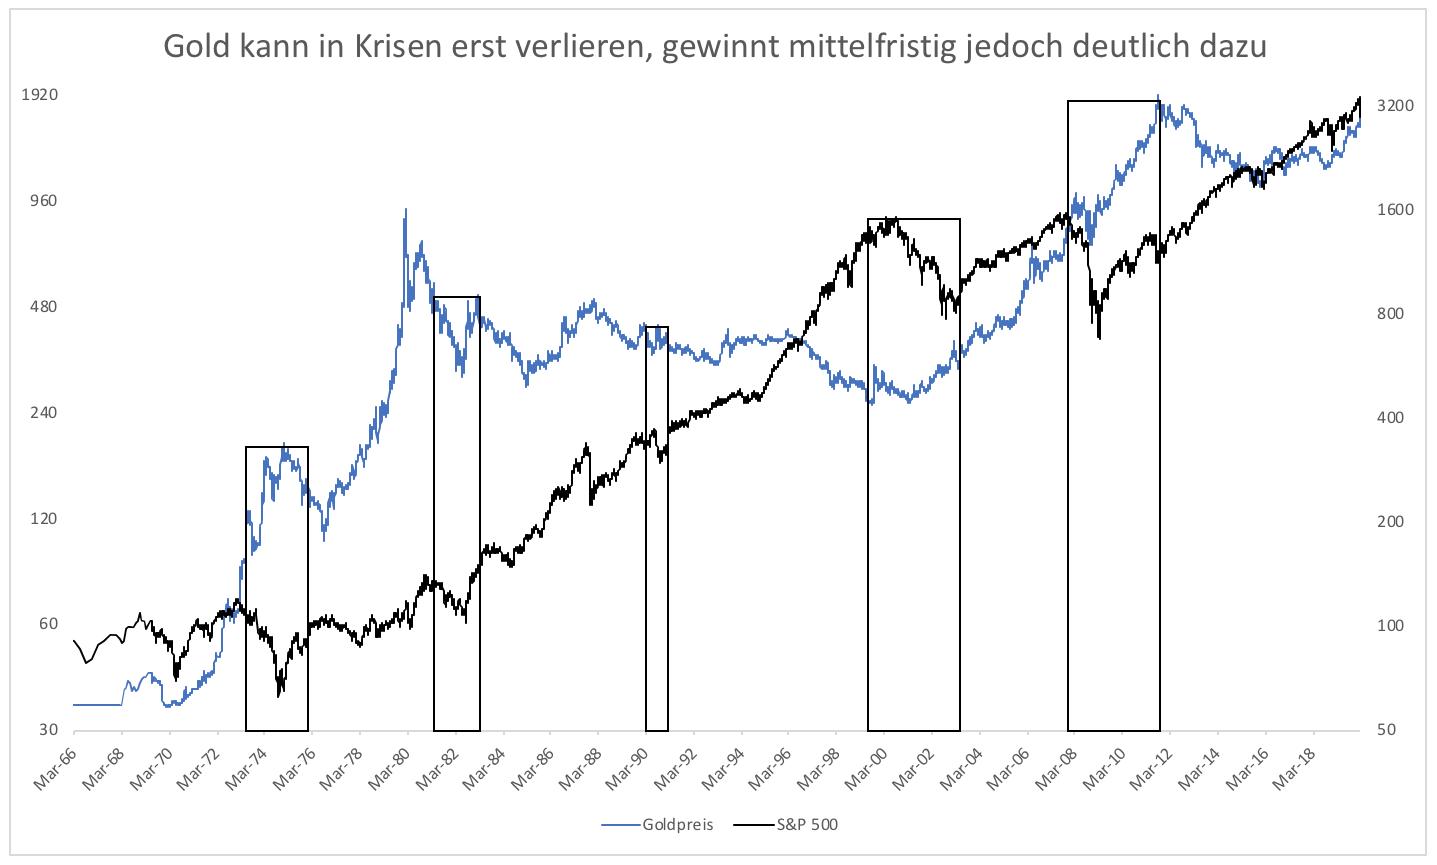 Wieso-versagt-Gold-als-sicherer-Hafen-Kommentar-Clemens-Schmale-GodmodeTrader.de-2